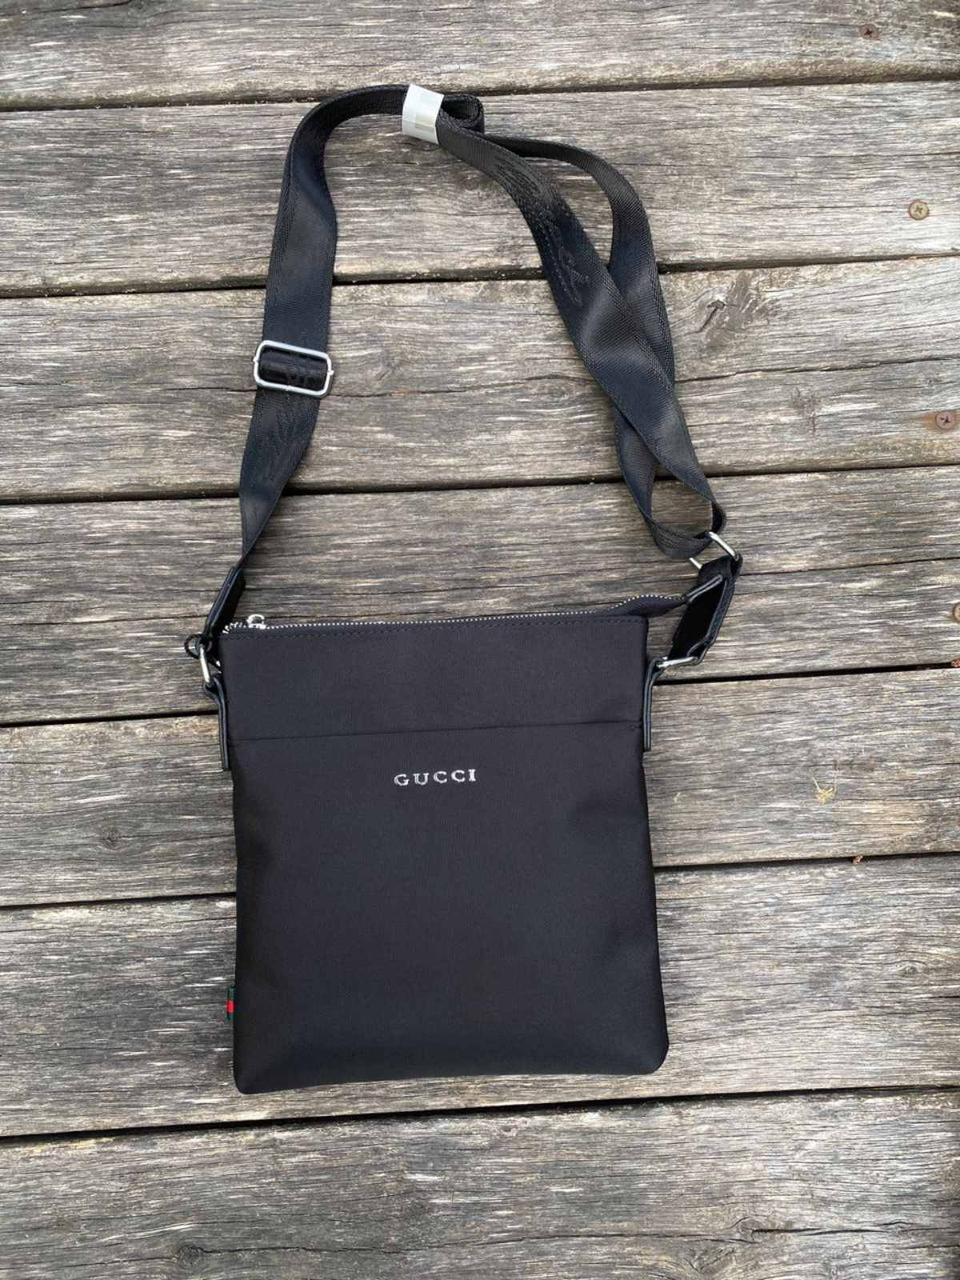 Брендовая мужская сумка GUCCI. Качество ЛЮКС. Материал: текстиль. Очень удобная, вместительная.